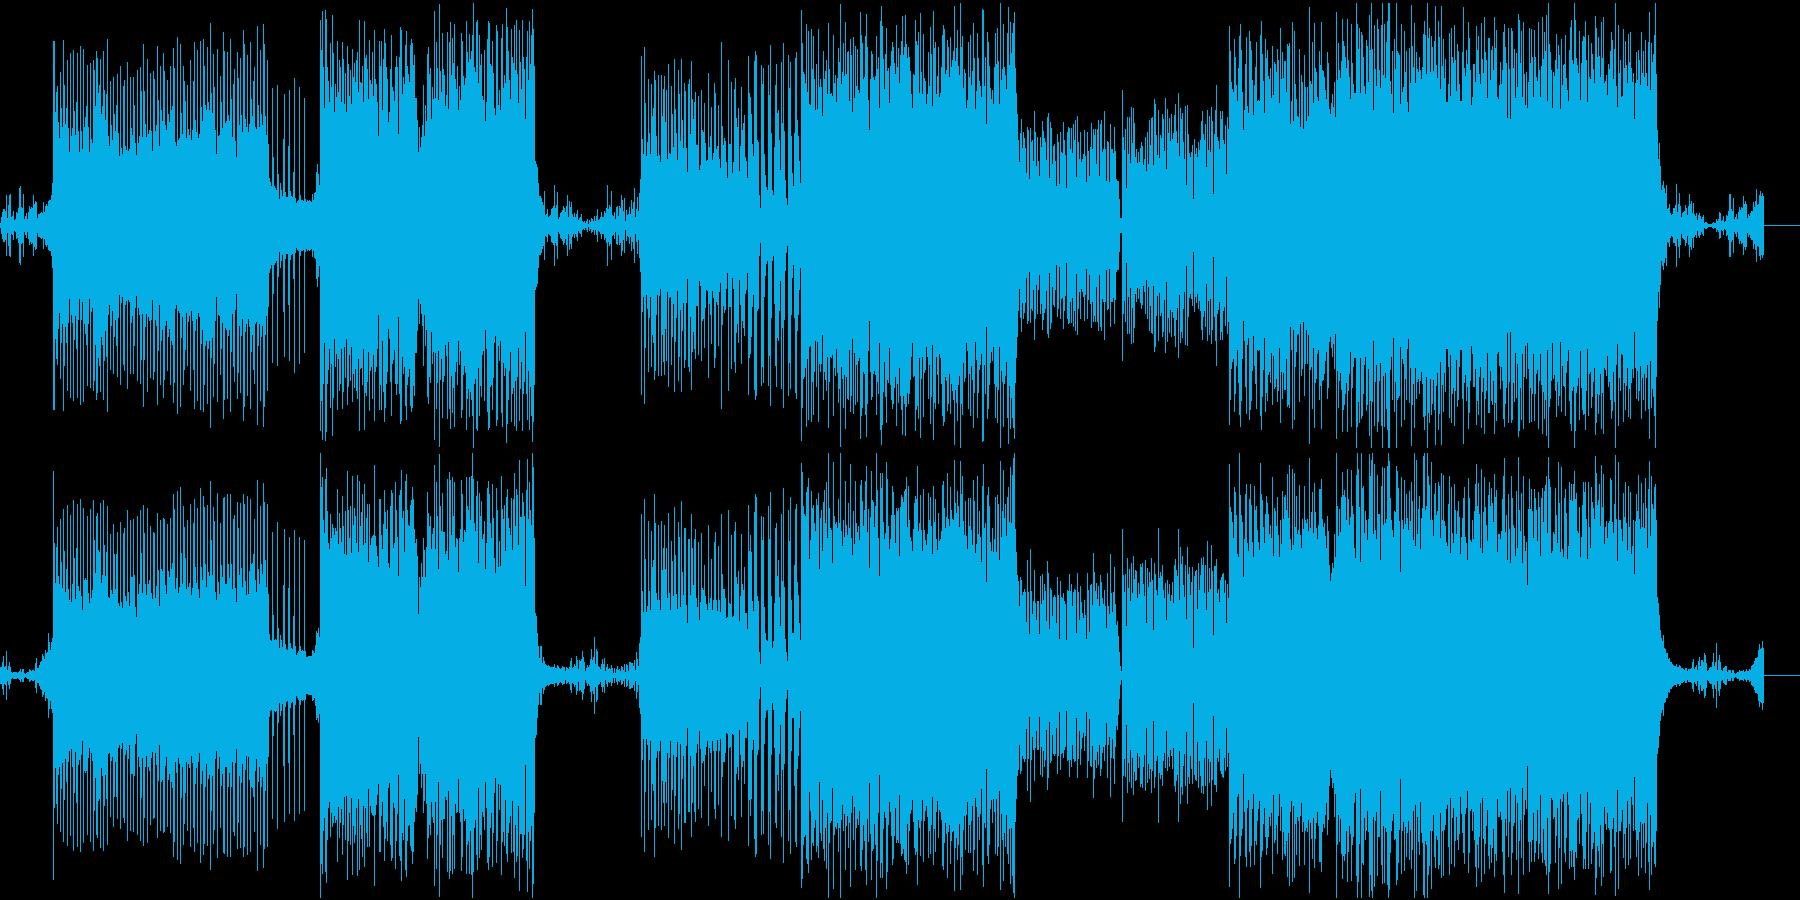 エレクトロなメロディが印象的な楽曲の再生済みの波形